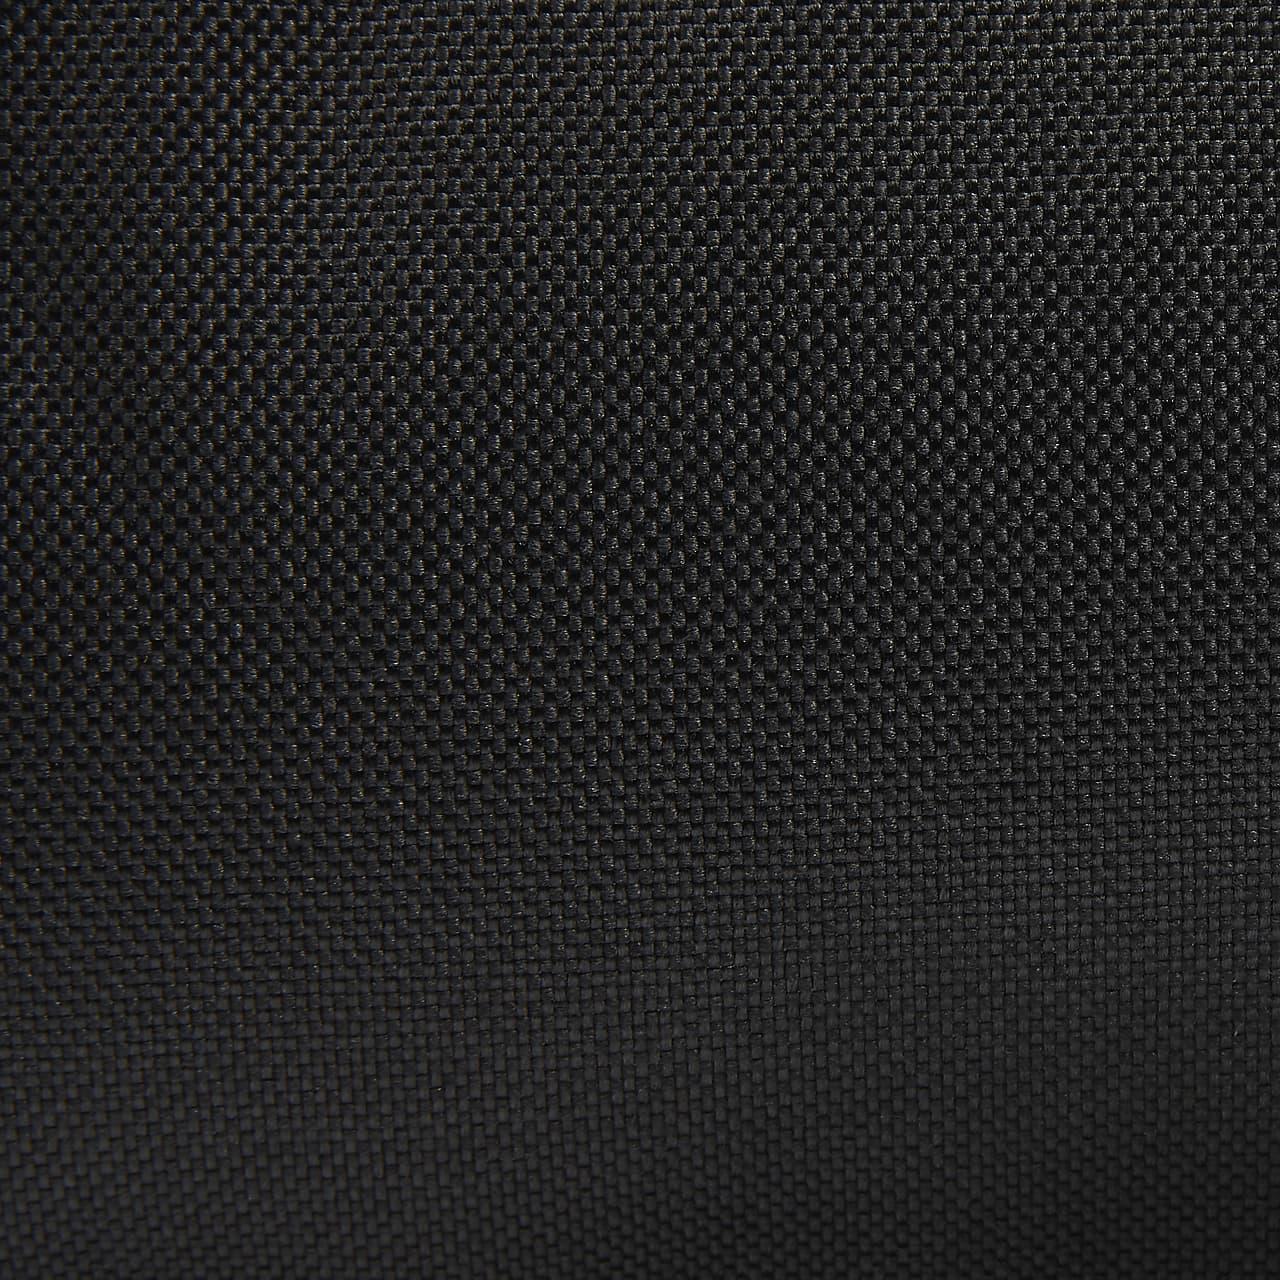 나이키 스포츠웨어 RPM 웨이스트팩(스몰 아이템) CQ3817-010